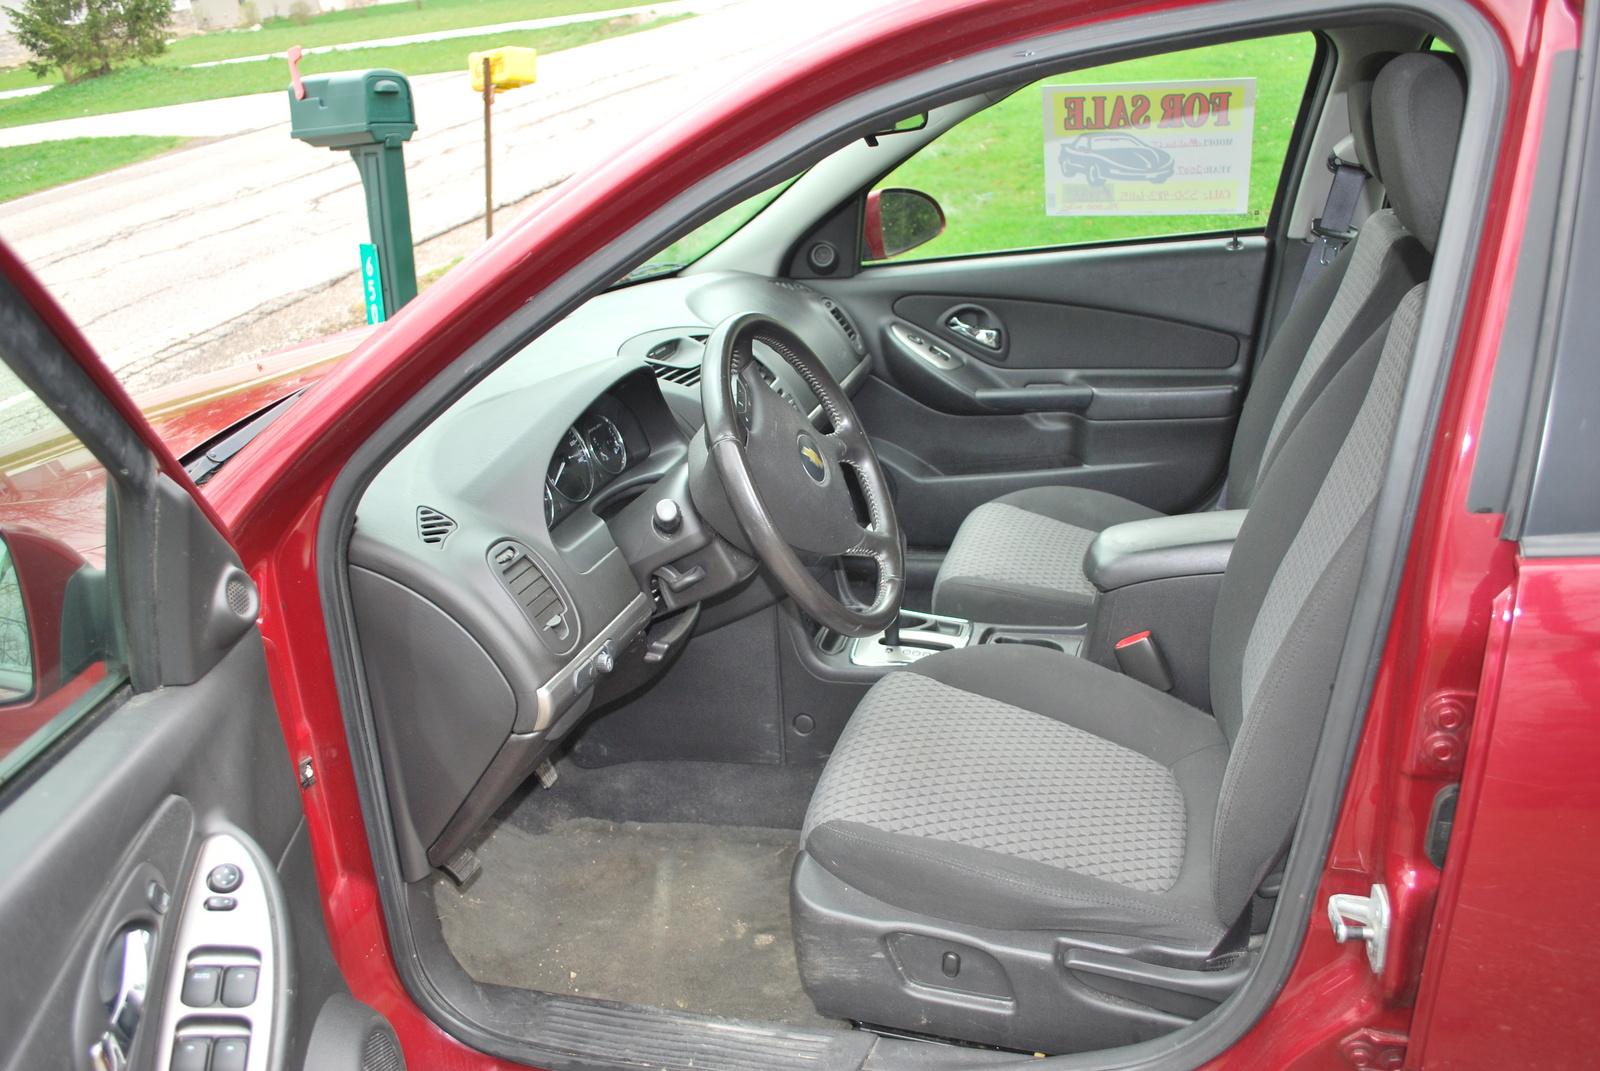 2007 Chevrolet Malibu Interior Pictures Cargurus